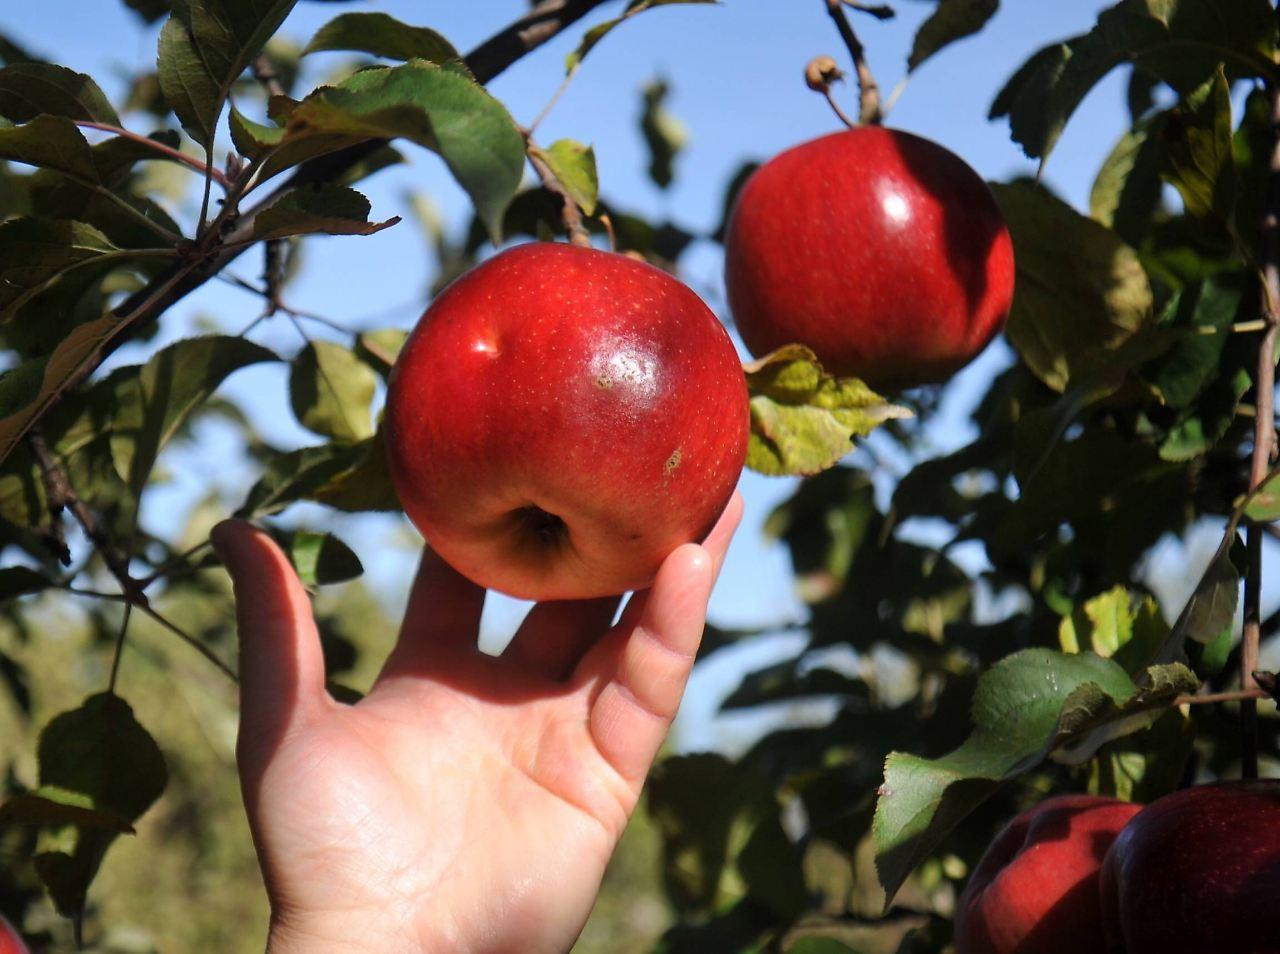 Bildergebnis für eva griff zum verbotenen Apfel